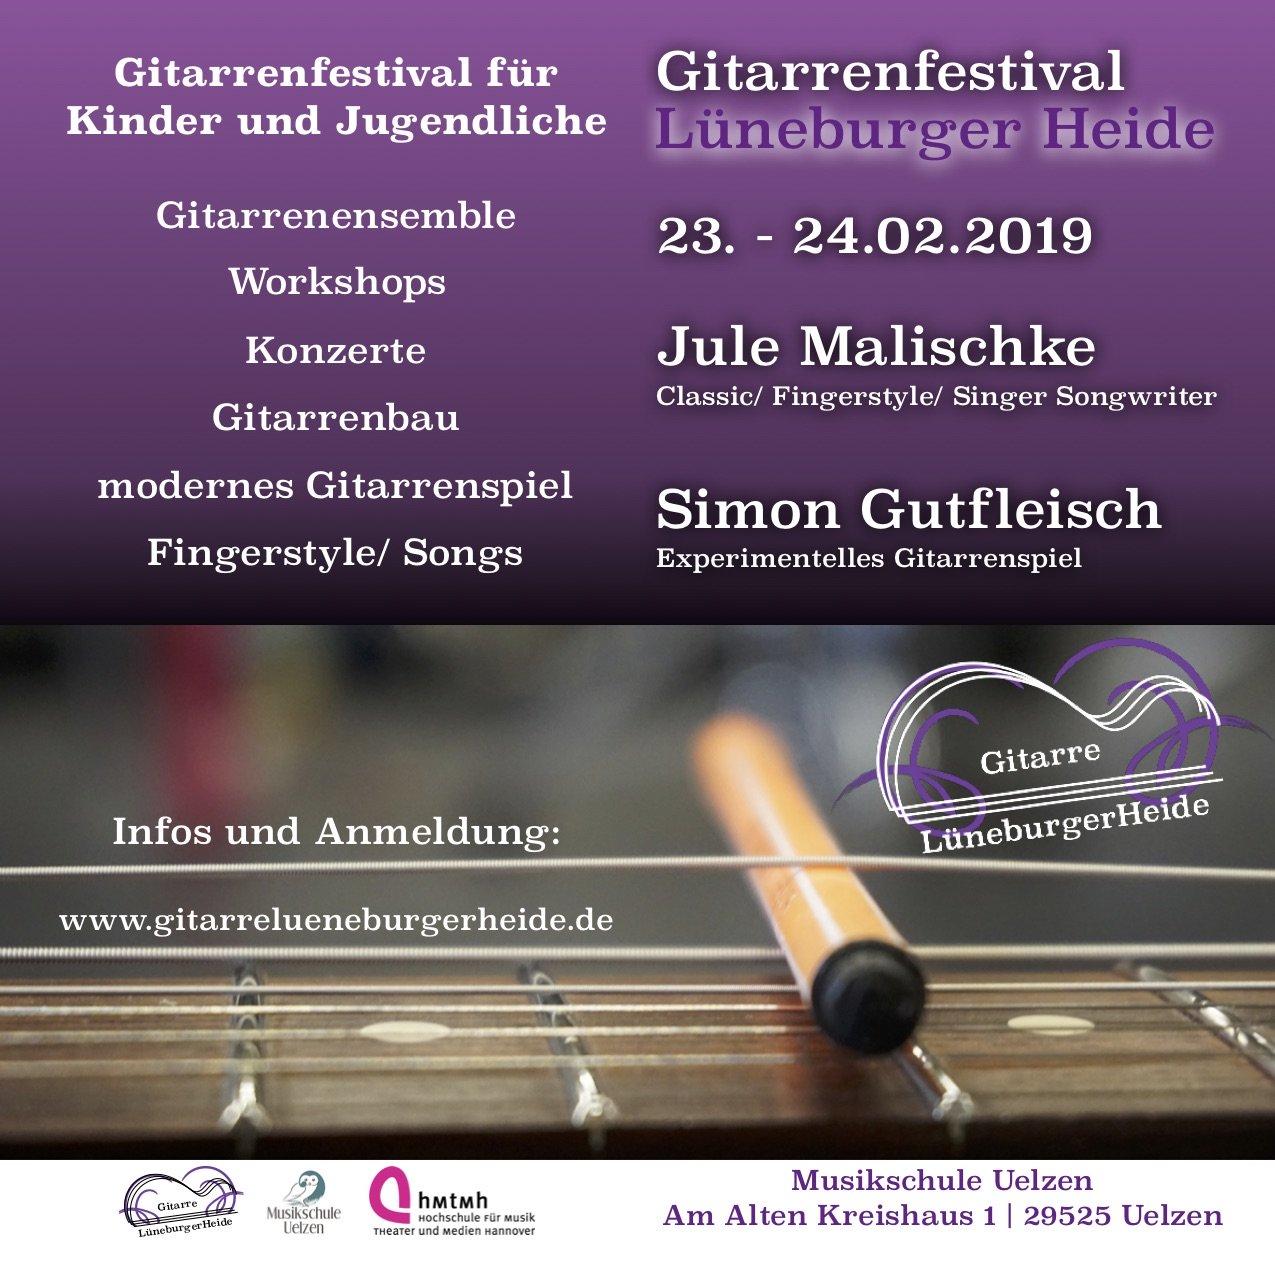 Gitarrenfestival Lüneburger Heide